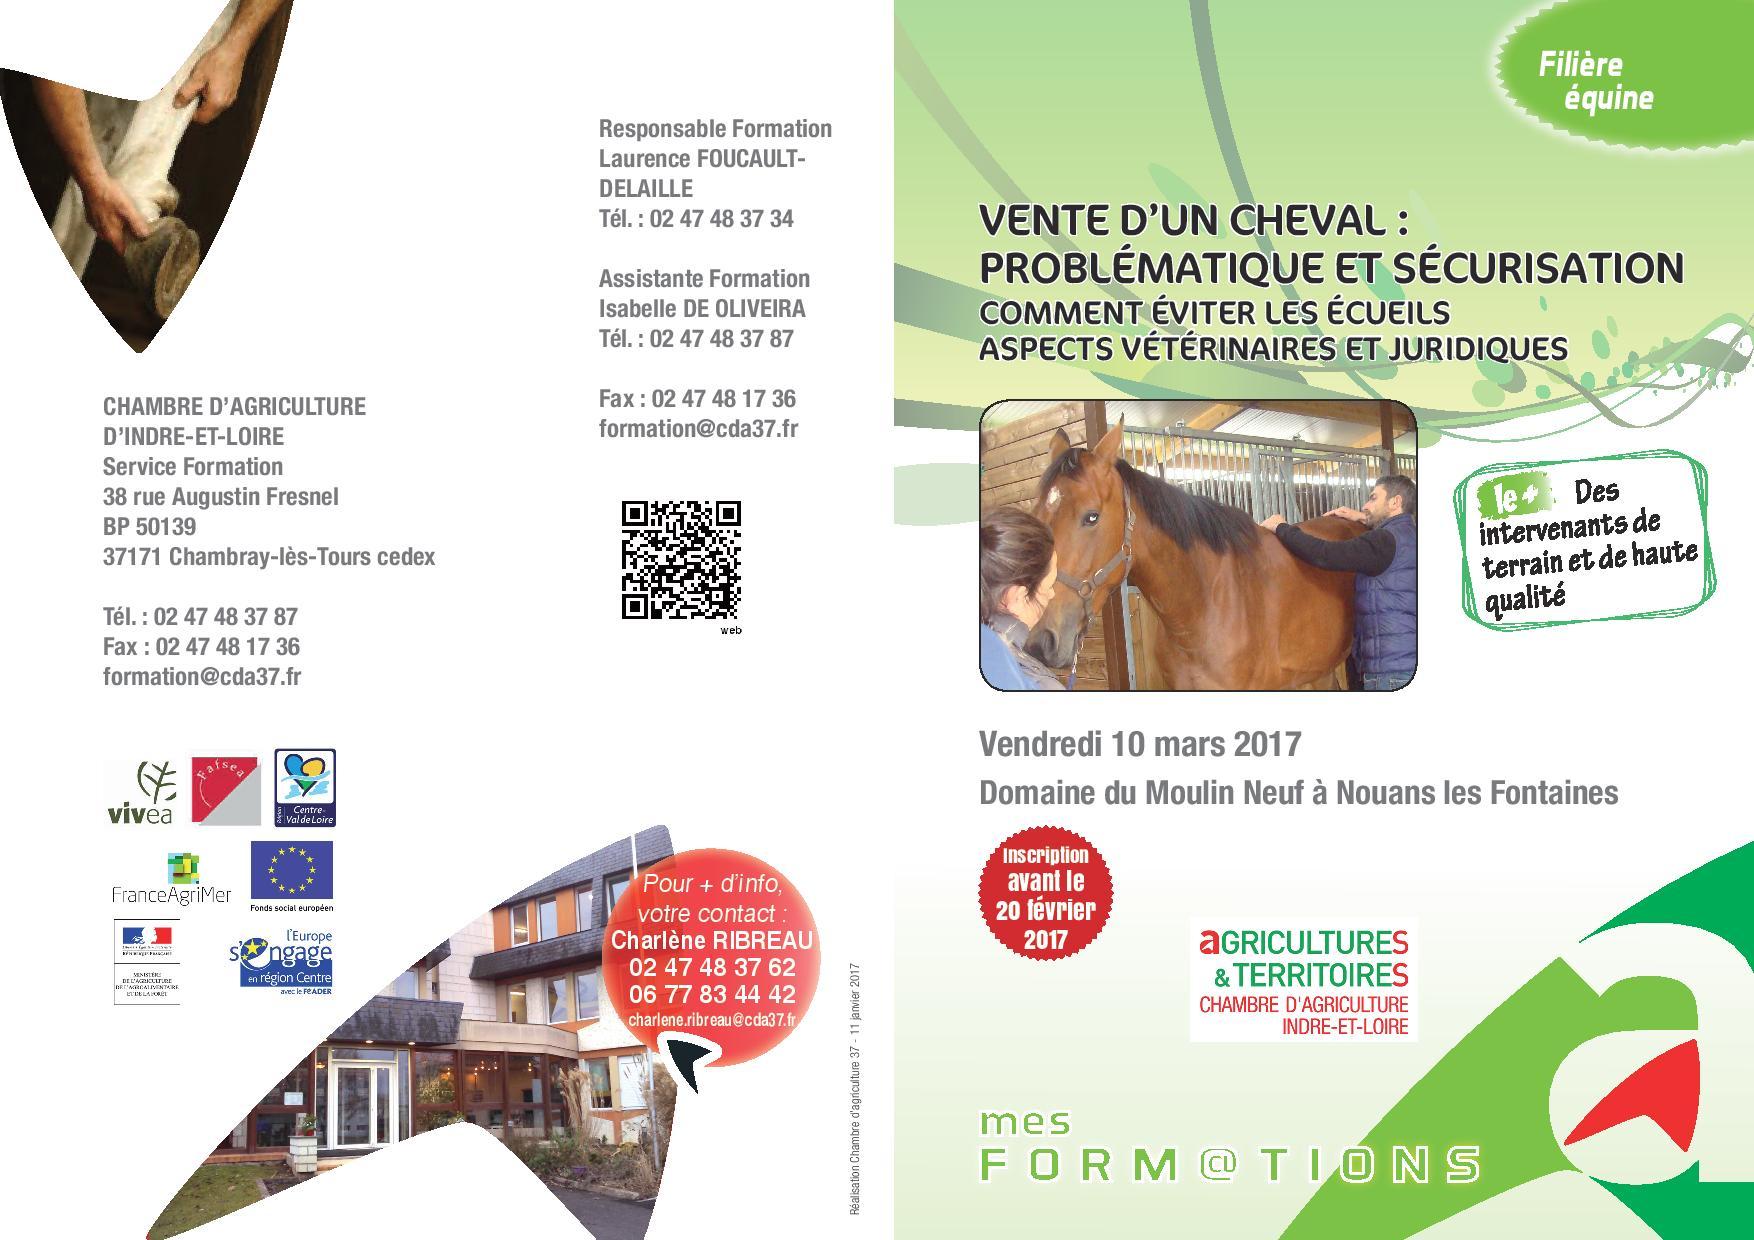 Formation : Vente d'un cheval : problèmatique et sécurisation